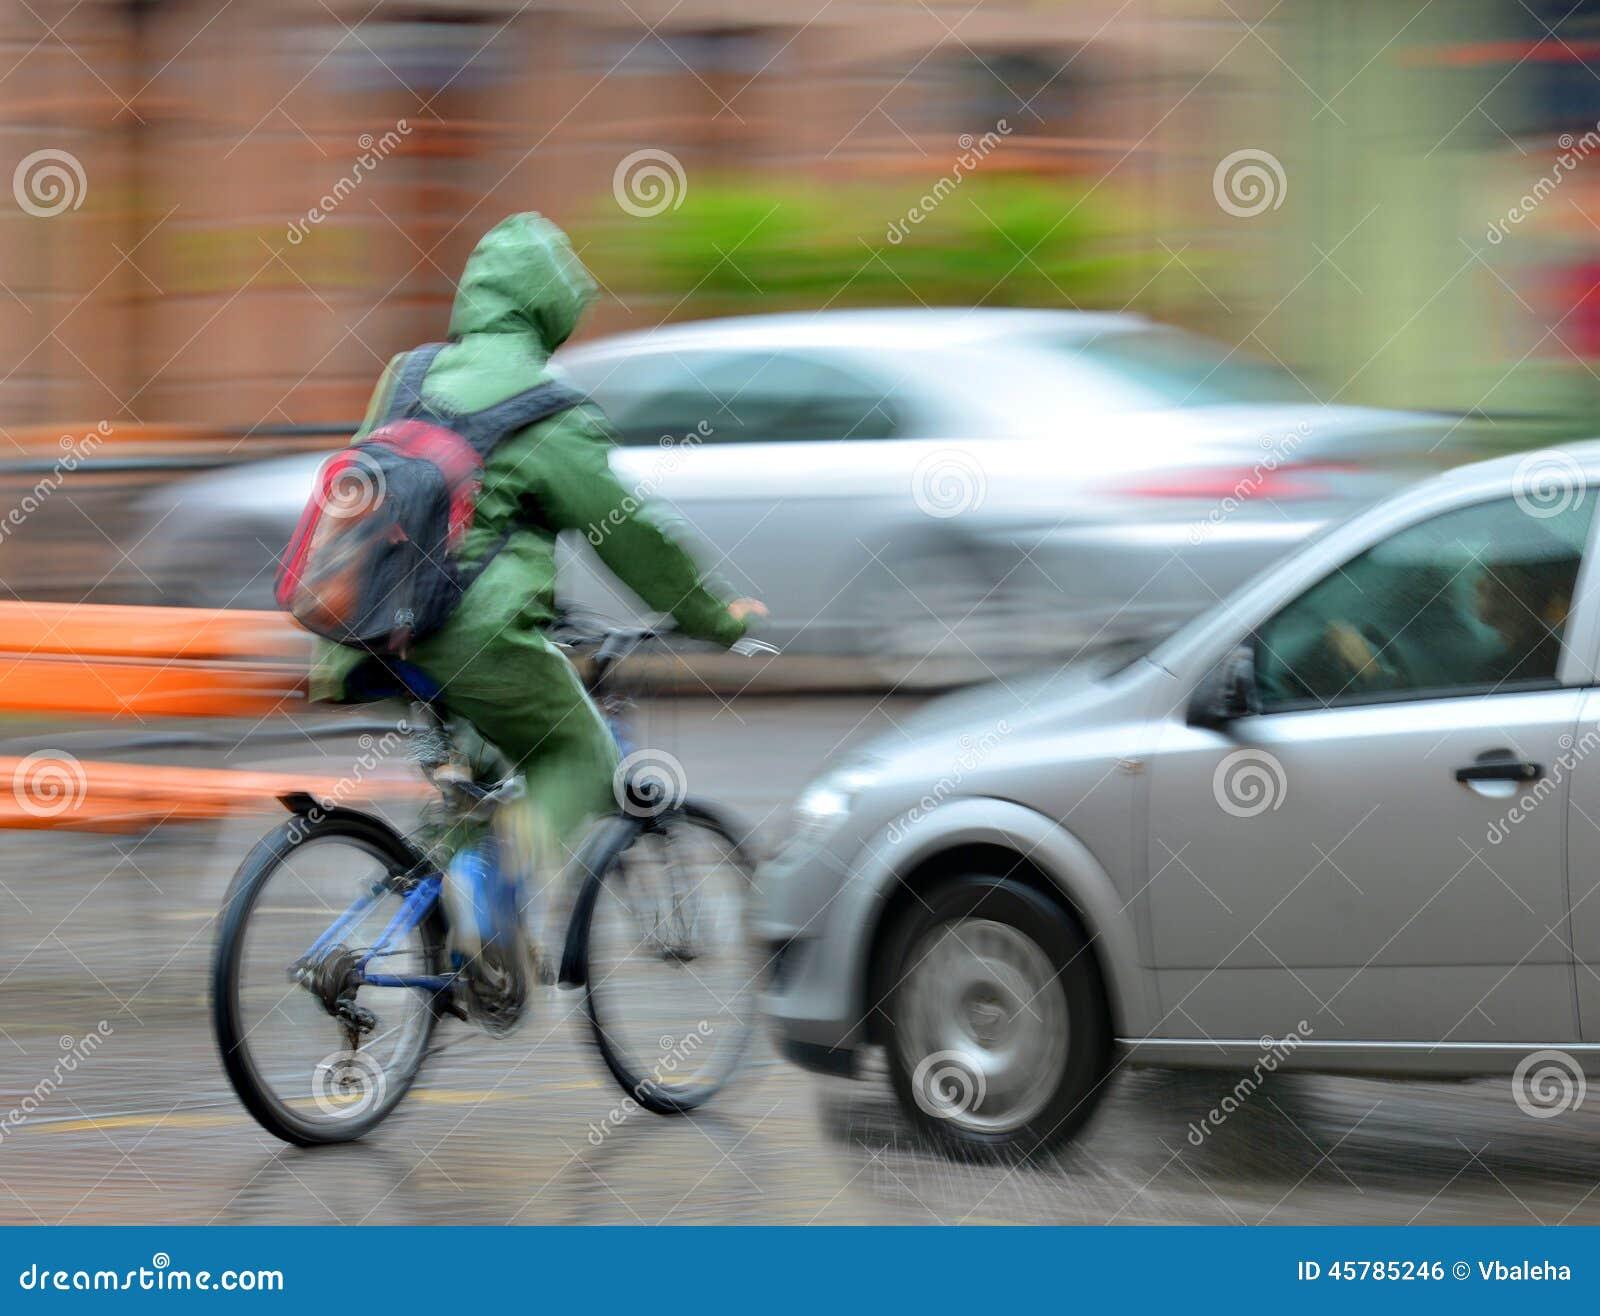 危险城市交通情况